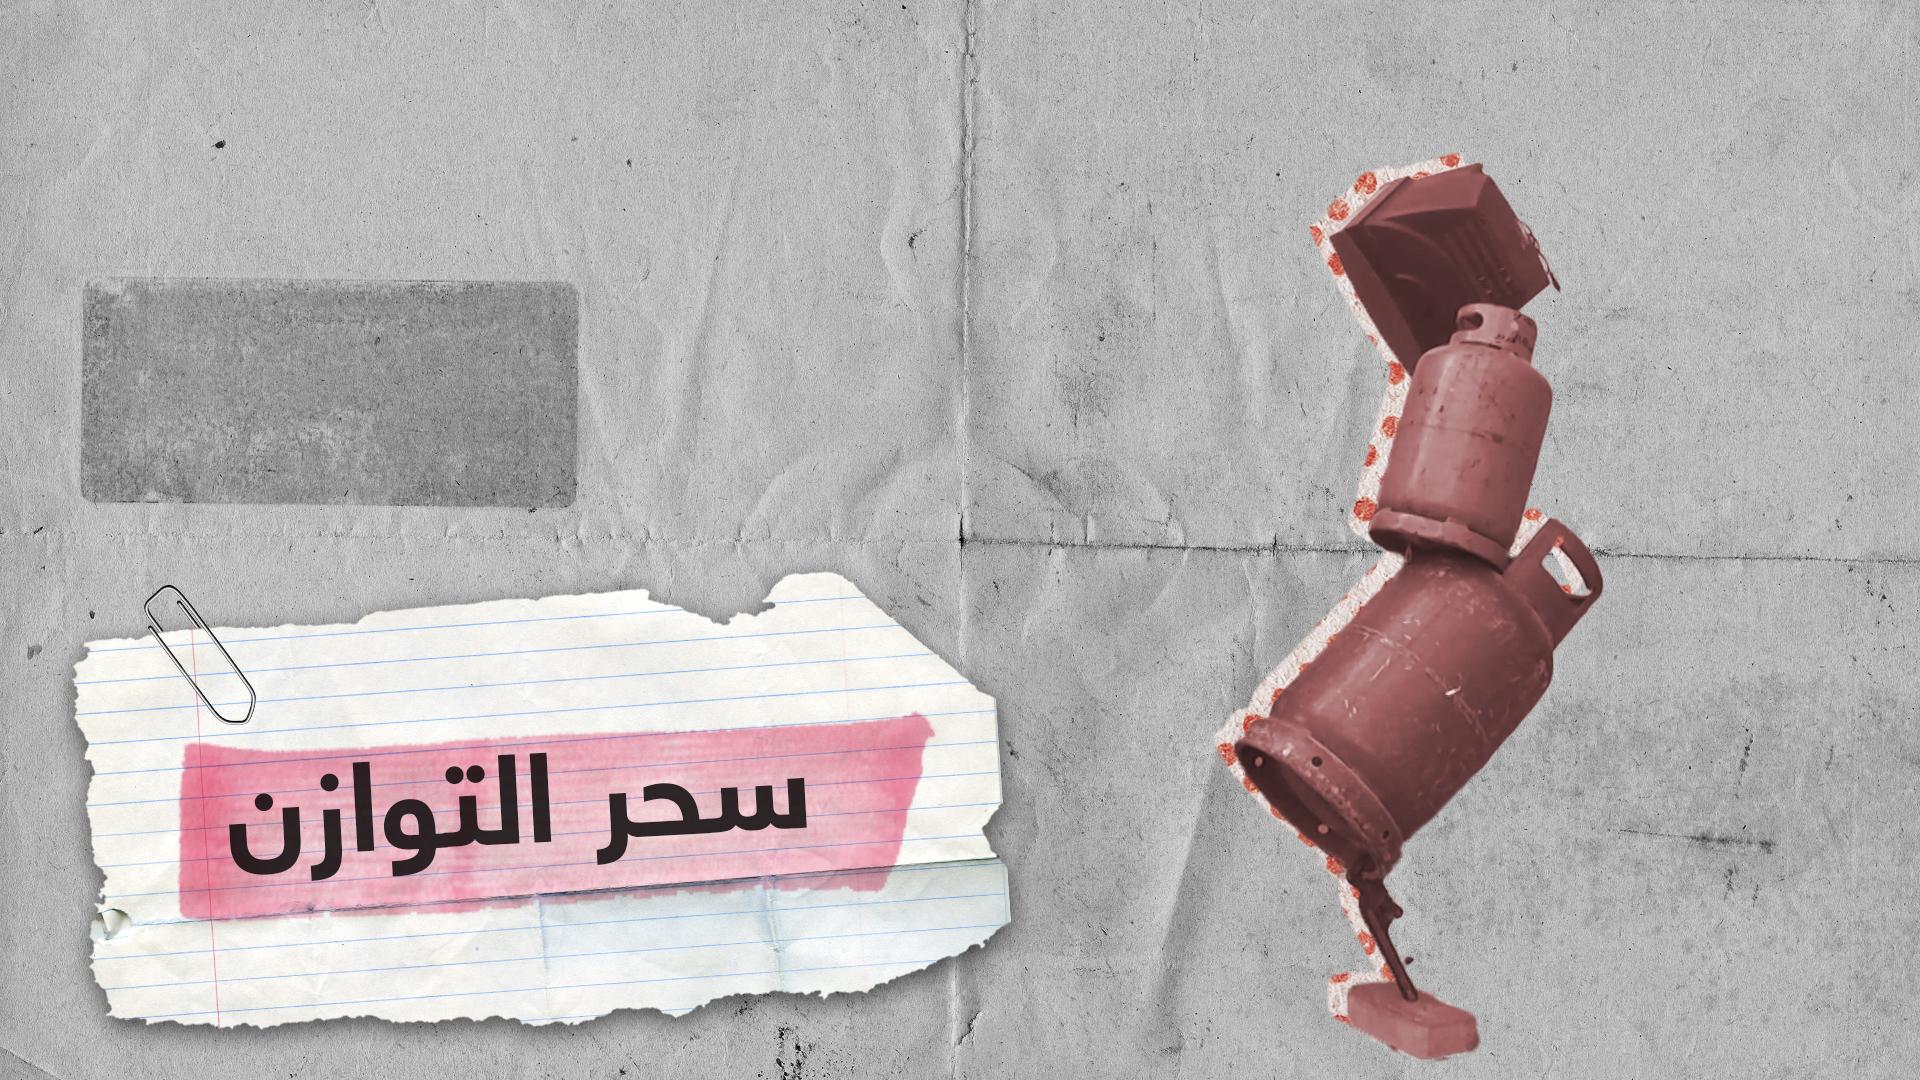 شاب فلسطيني يتحدى قوانين الفيزياء